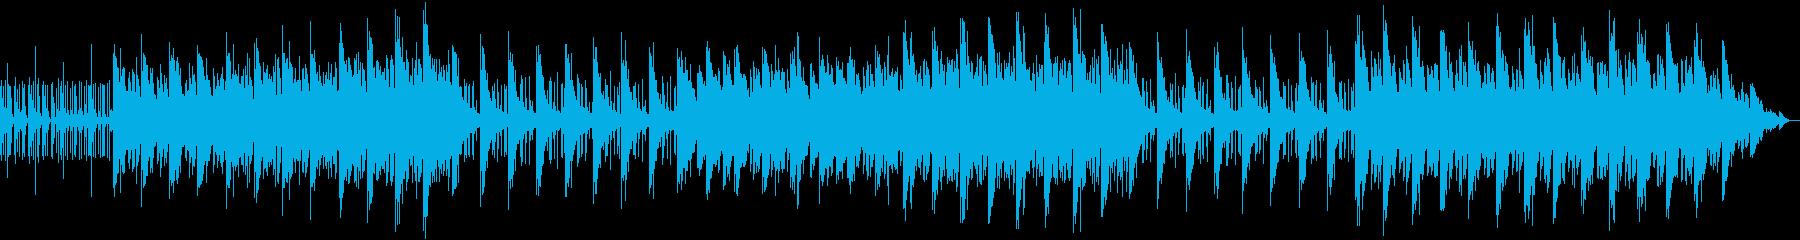 エレキギター・ヒップホップ・Lofiの再生済みの波形